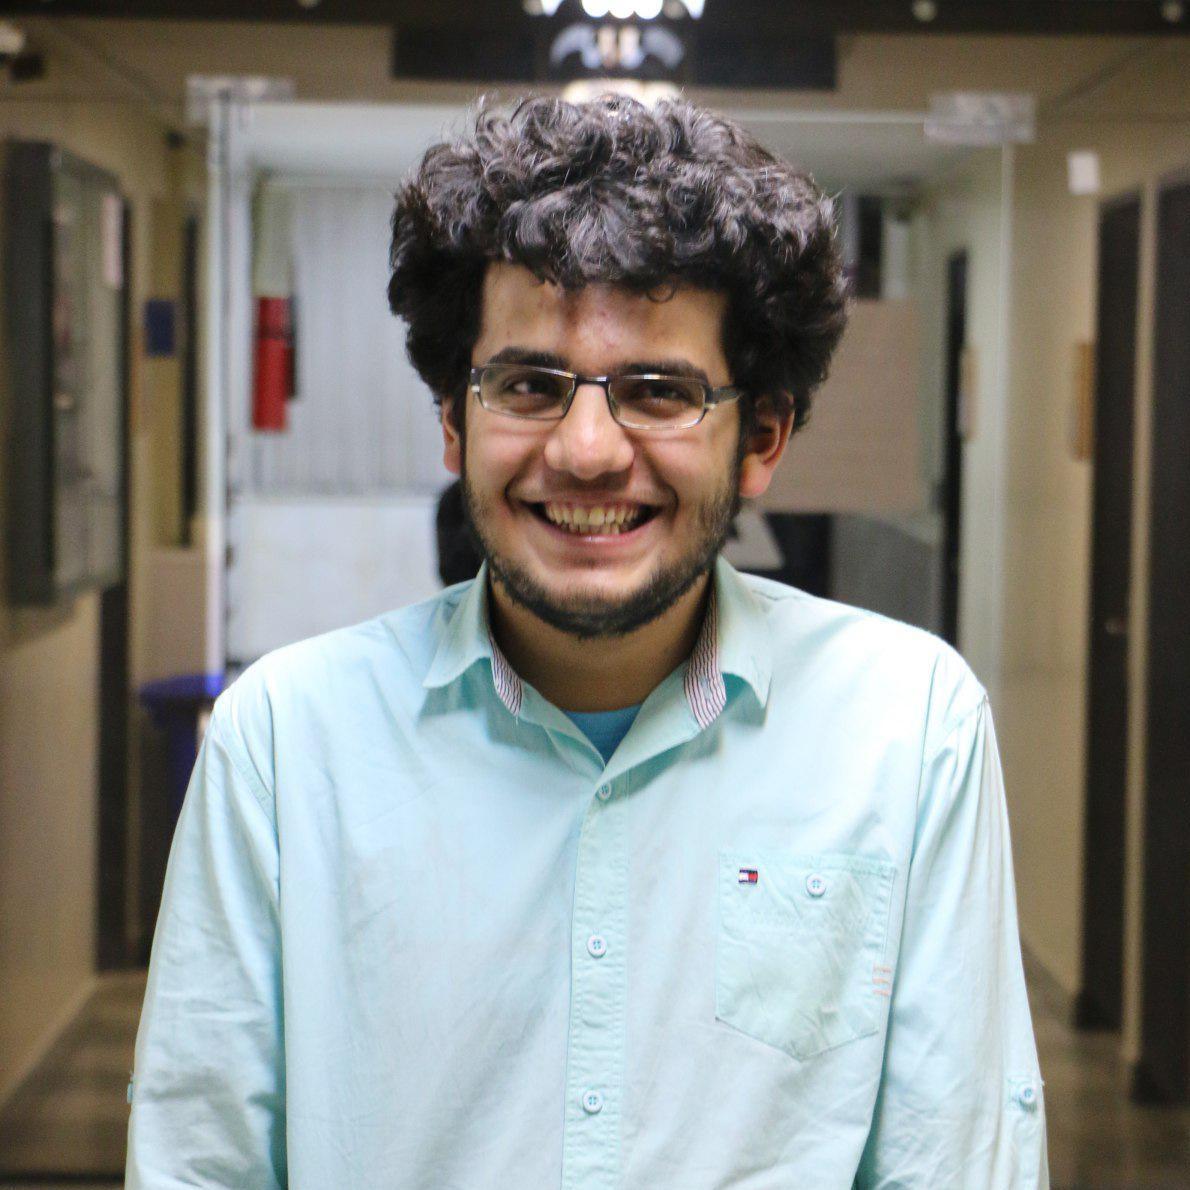 Ali Mortazavi